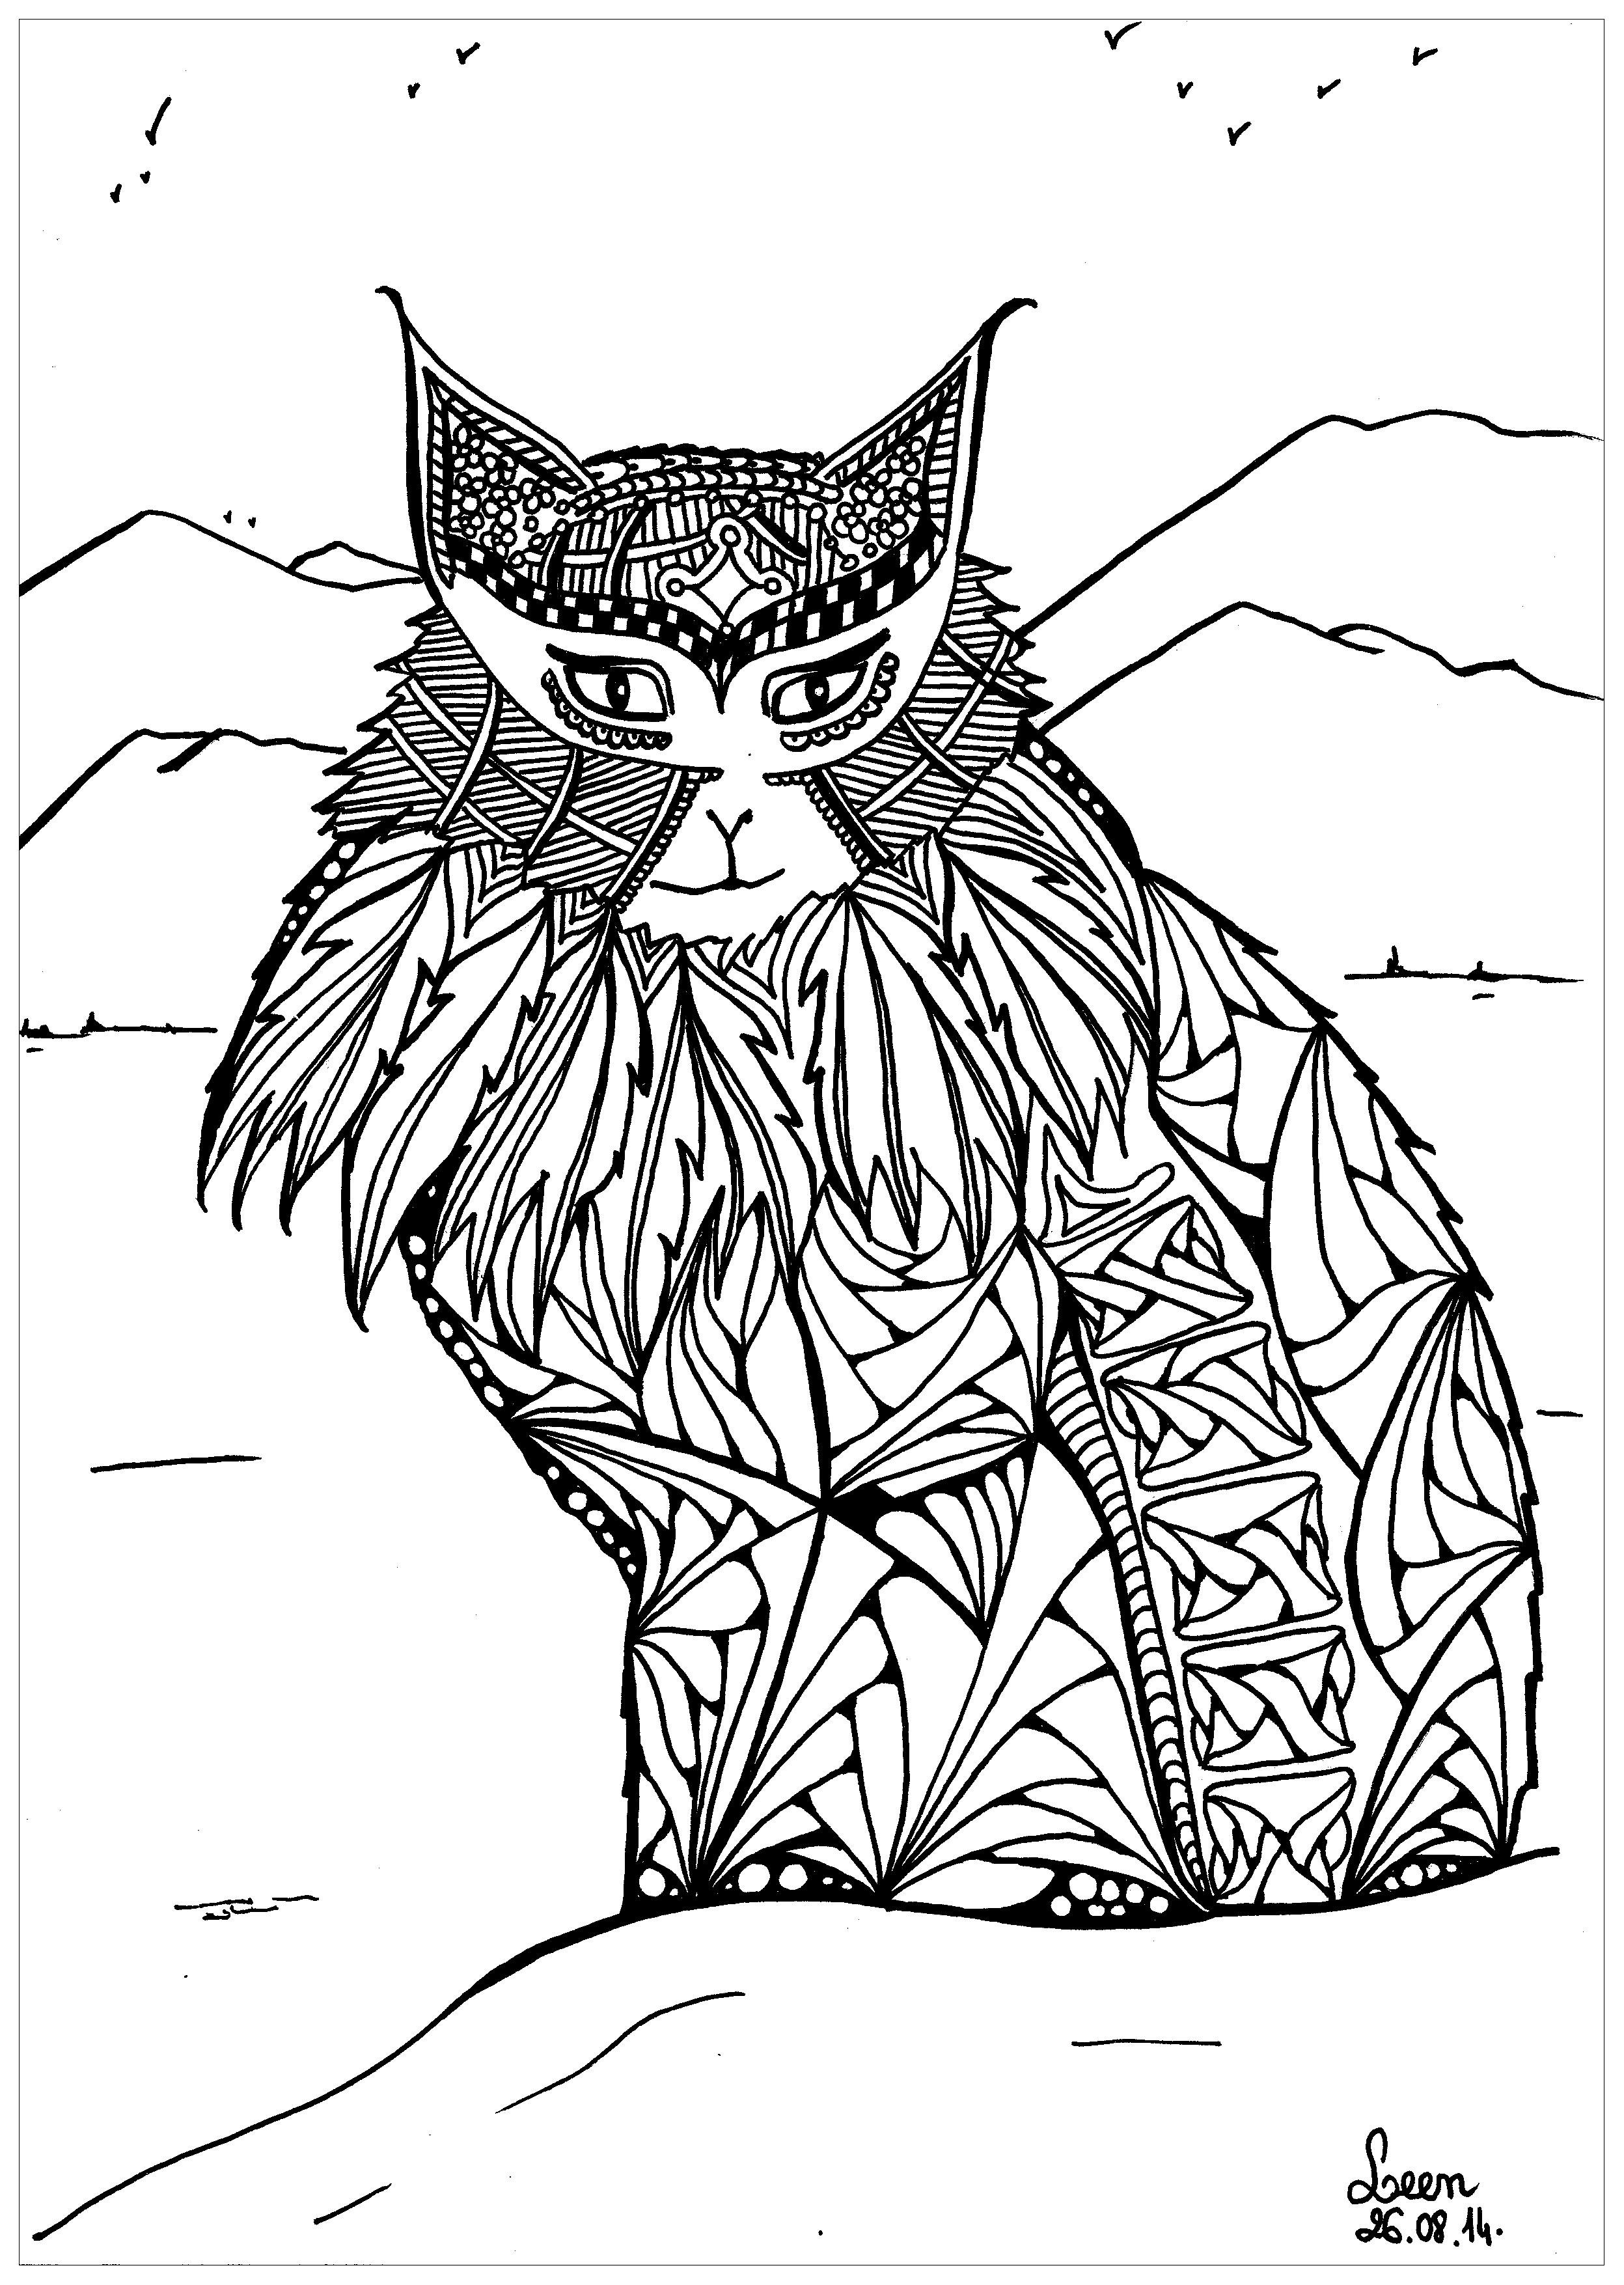 Disegni da colorare per adulti : Gatti - 3